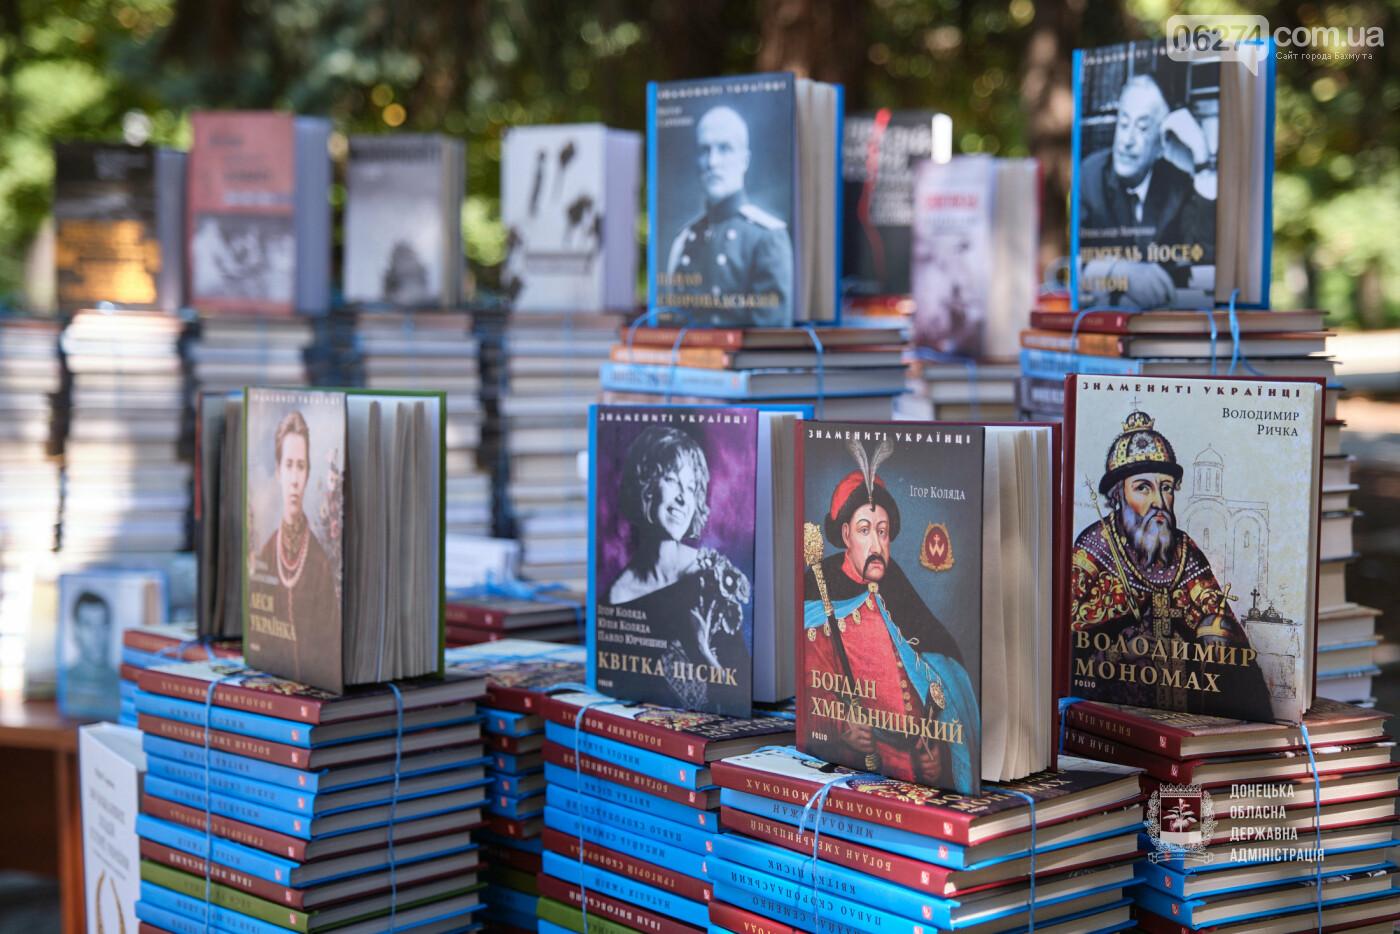 Молодежные центры области получили книги об истории Украины, выдающихся персонах и событиях АТО/ООС, фото-1